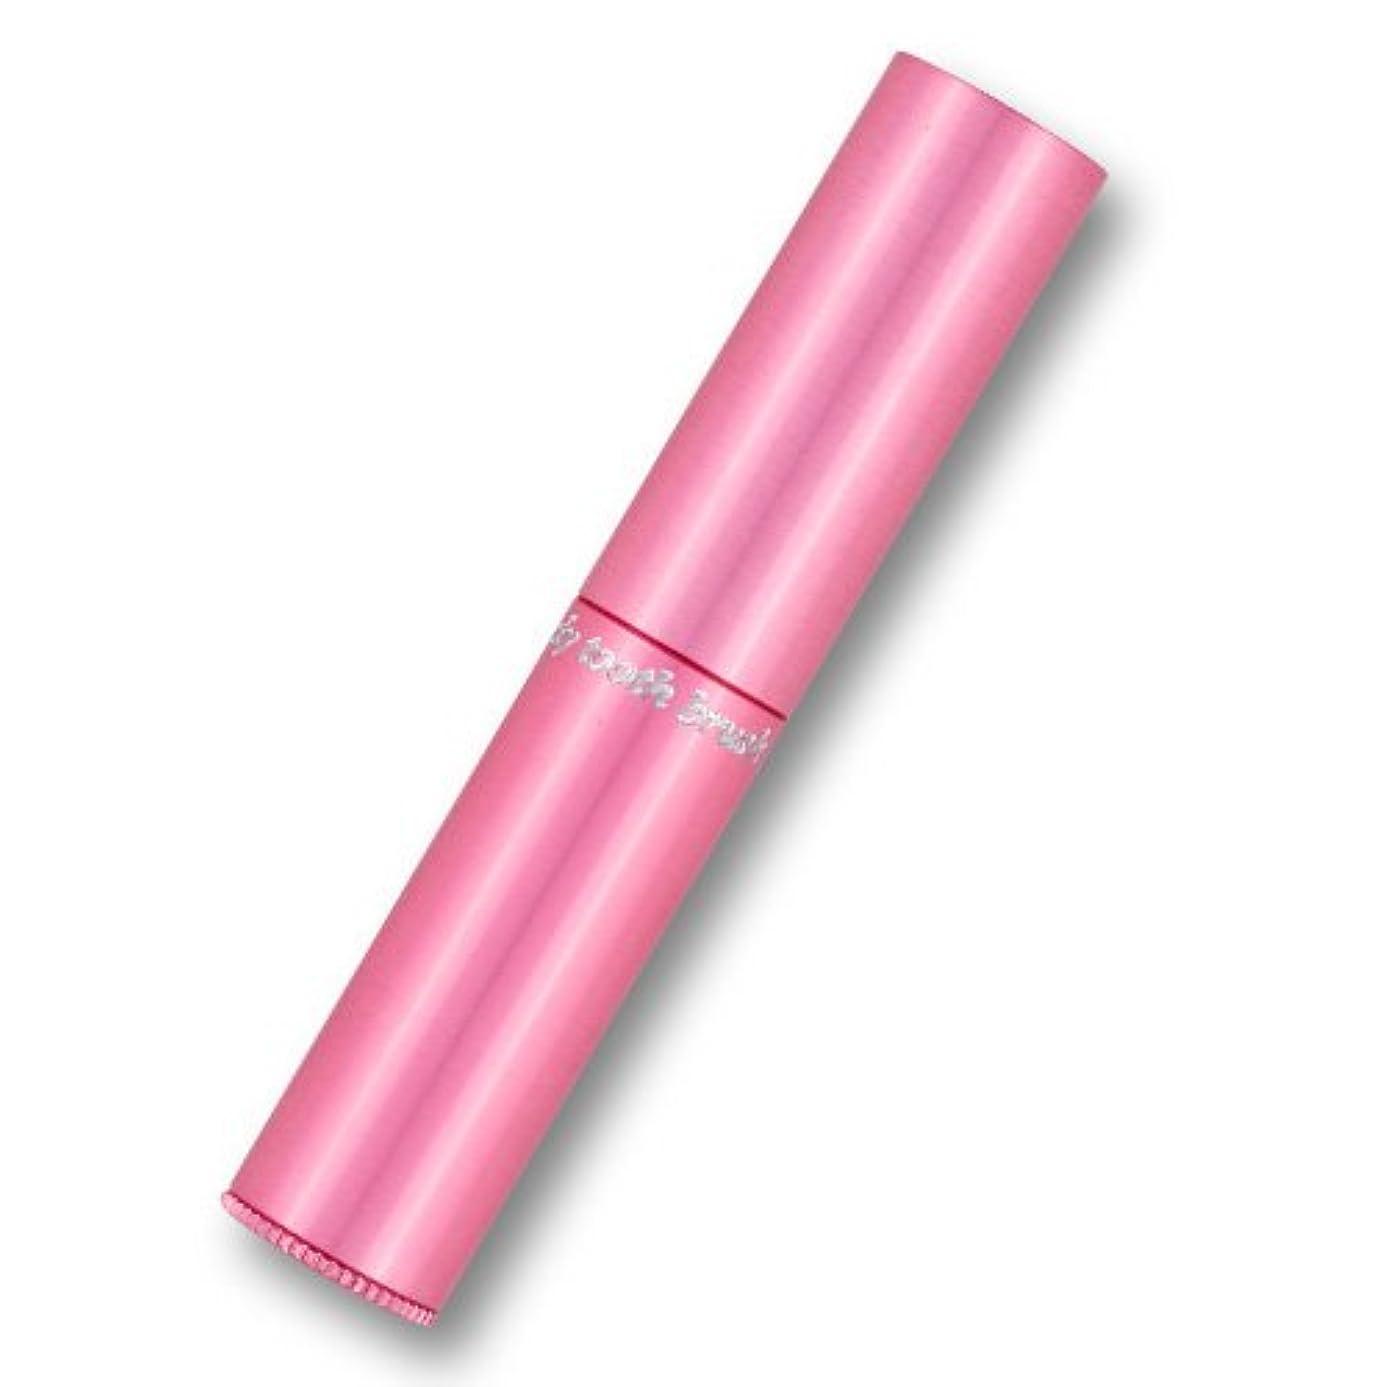 練る現実には散らす携帯歯ブラシ?タベタラmigaCO(ピンク)